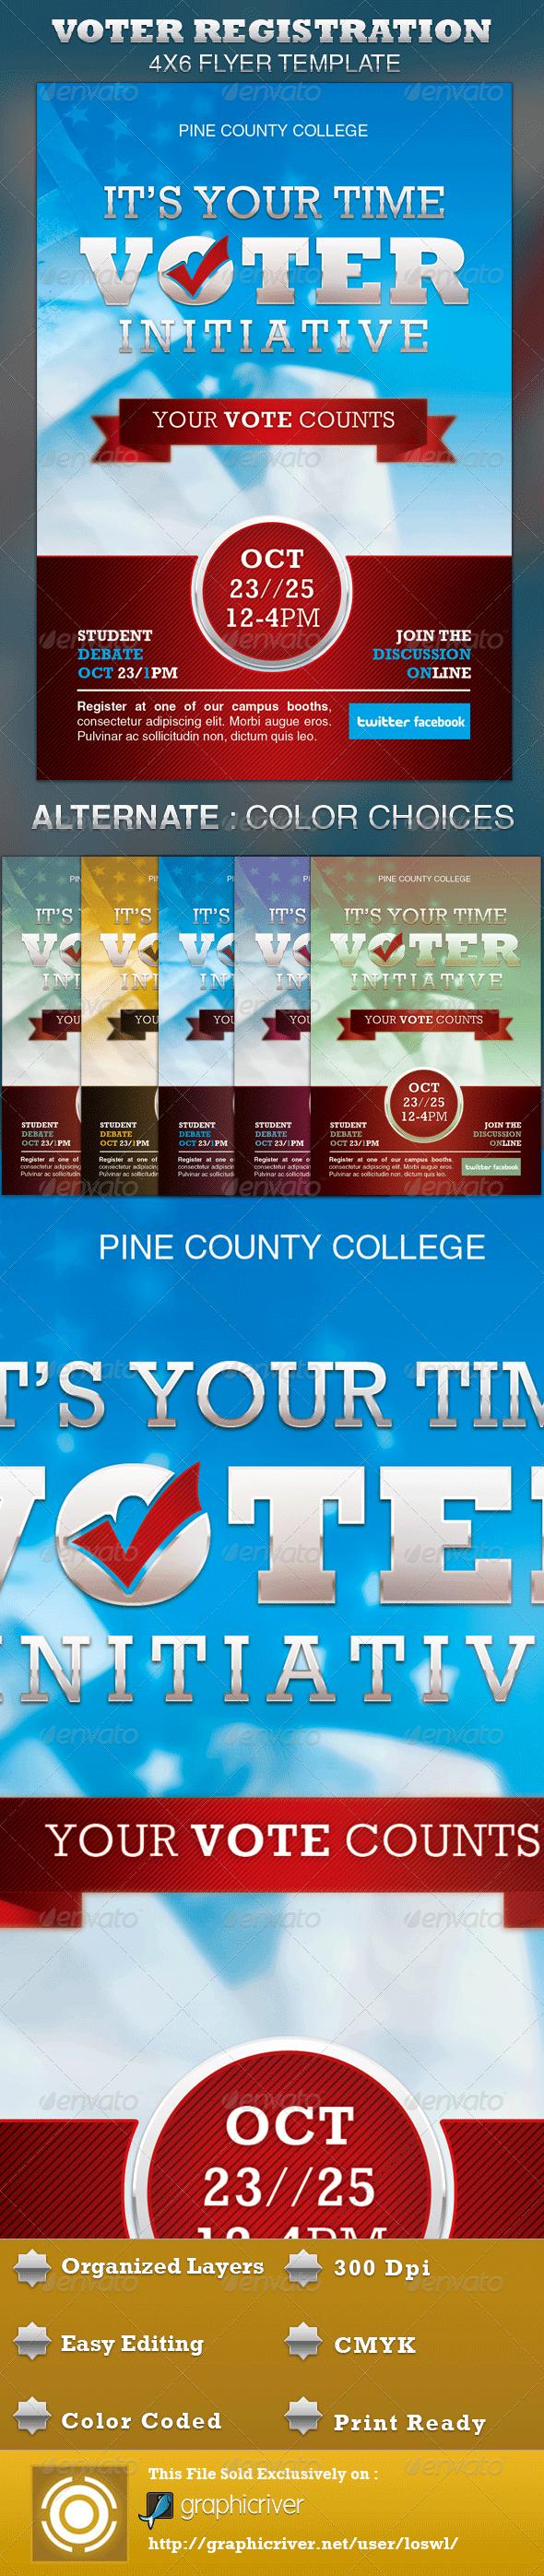 Voter Registration Drive Flyer Template  Voter Registration